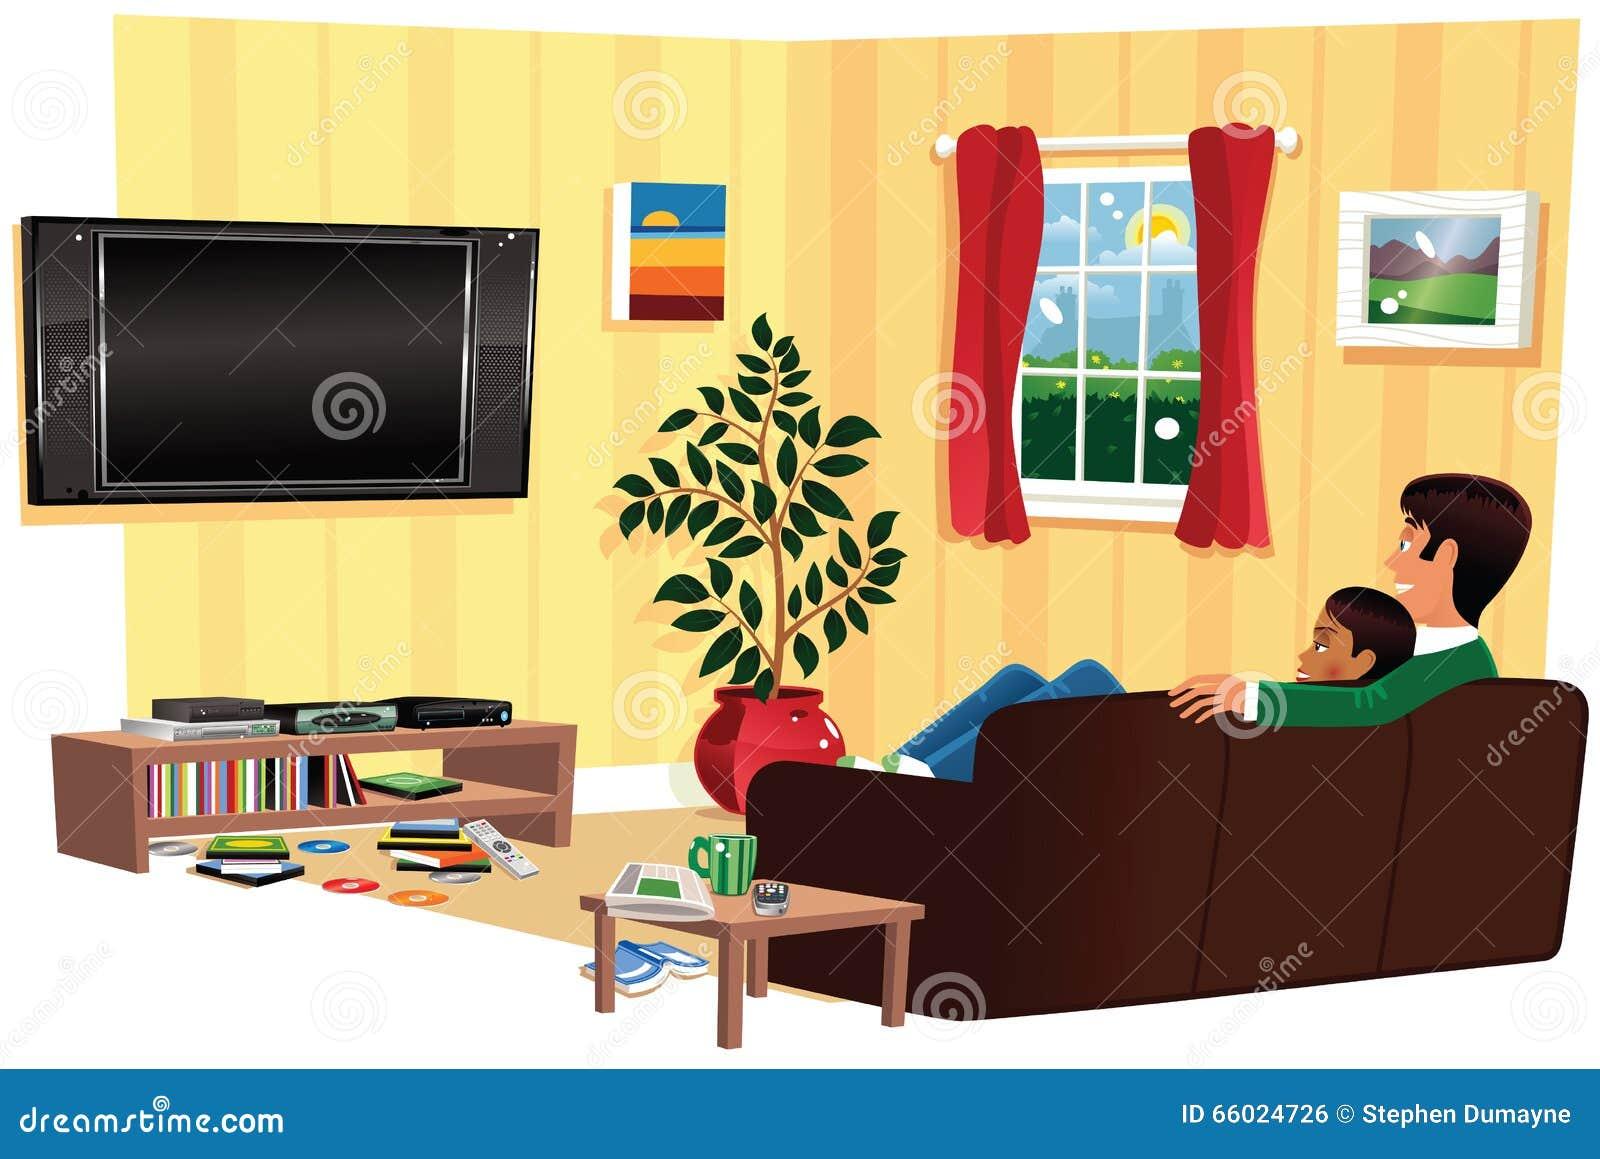 couples regardant la tv dans le salon photo stock image 66024726. Black Bedroom Furniture Sets. Home Design Ideas